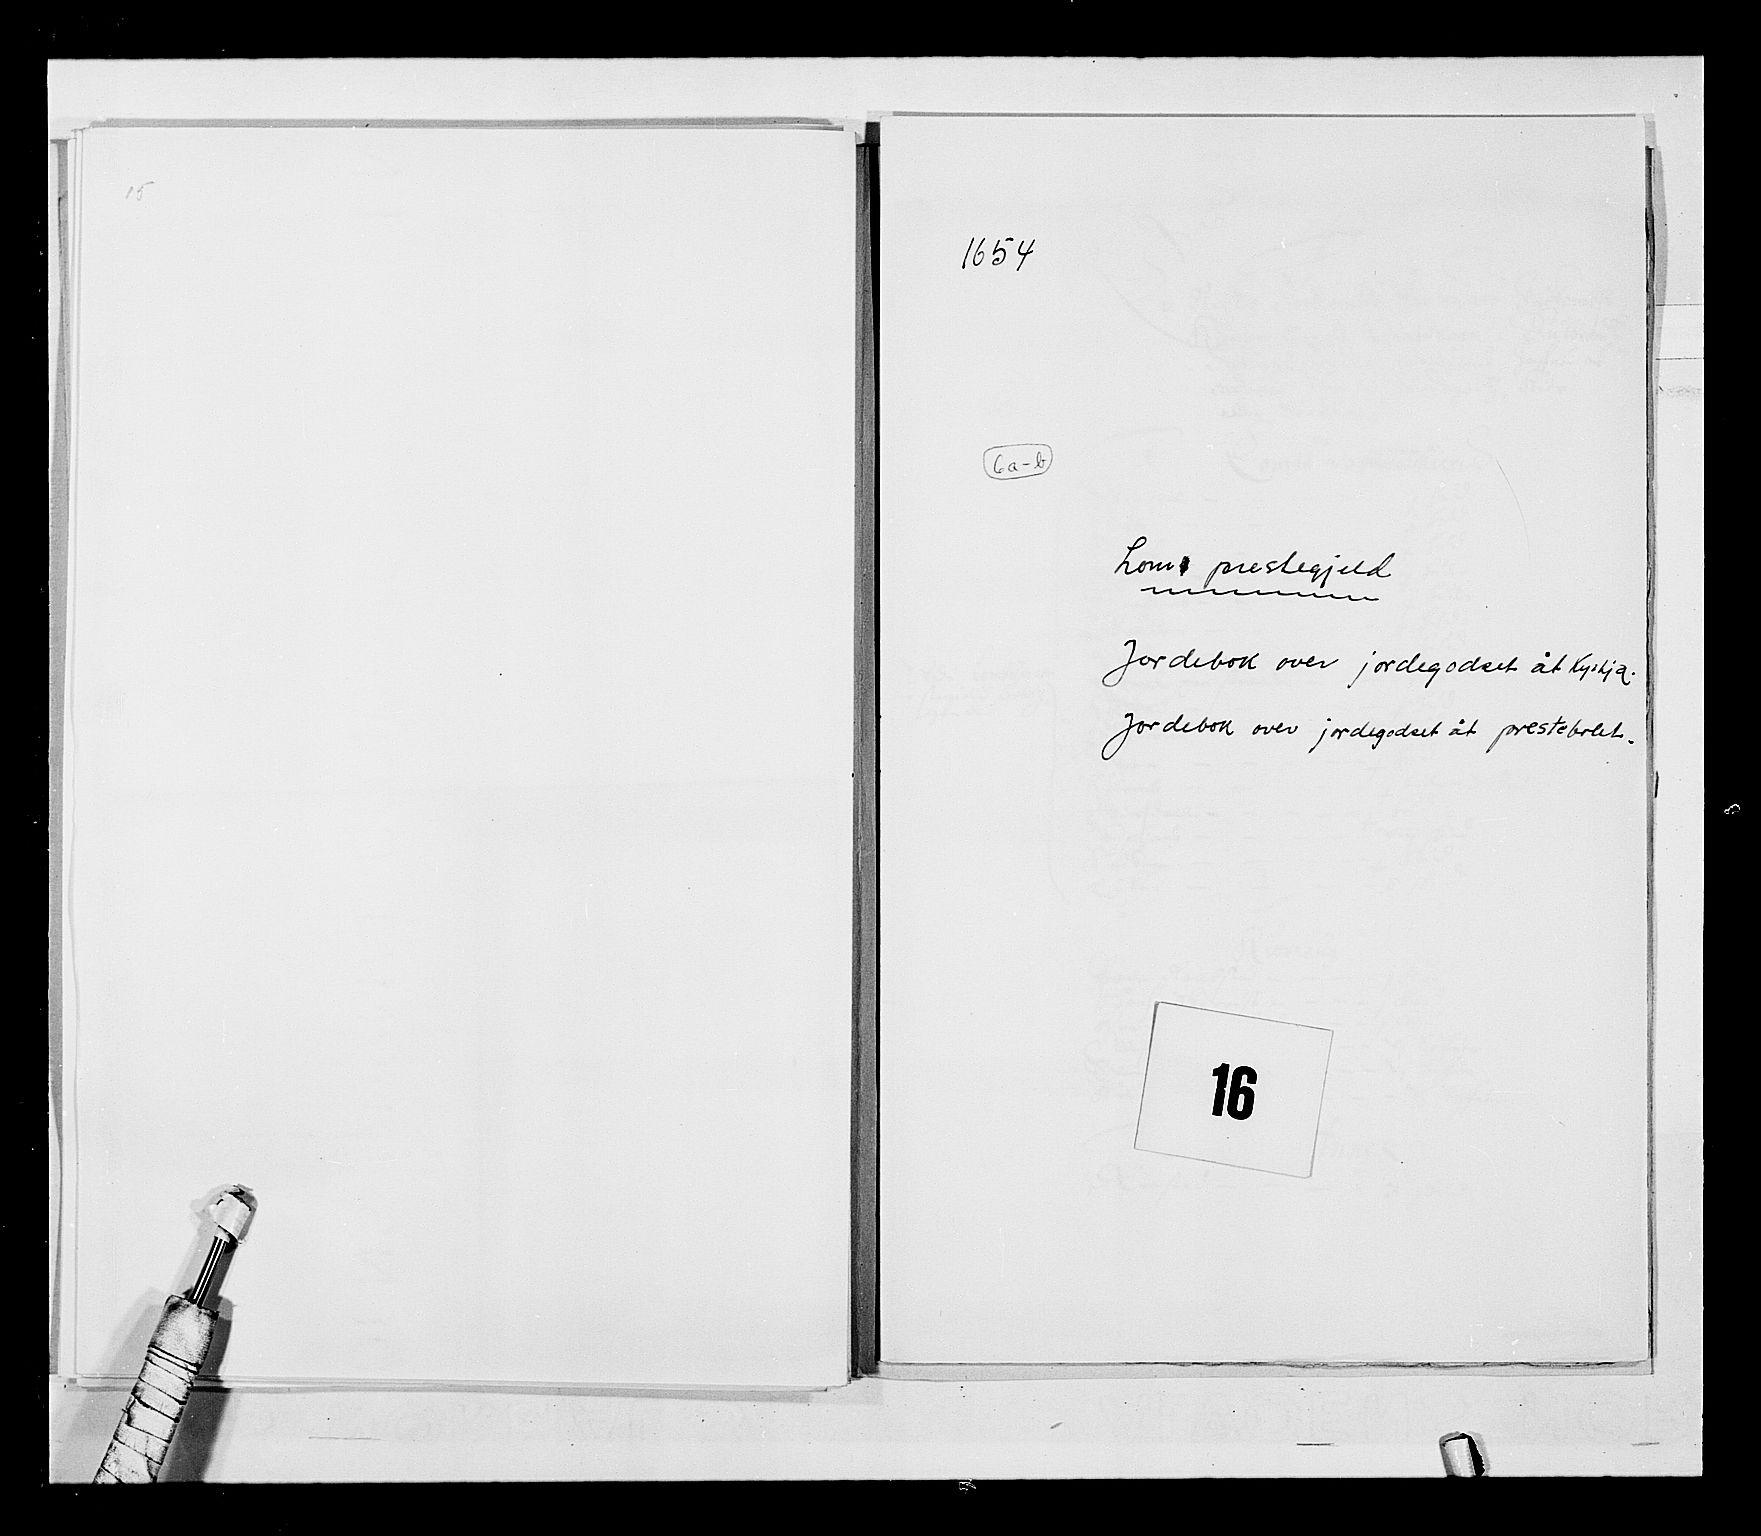 RA, Stattholderembetet 1572-1771, Ek/L0030: Jordebøker 1633-1658:, 1654, s. 69